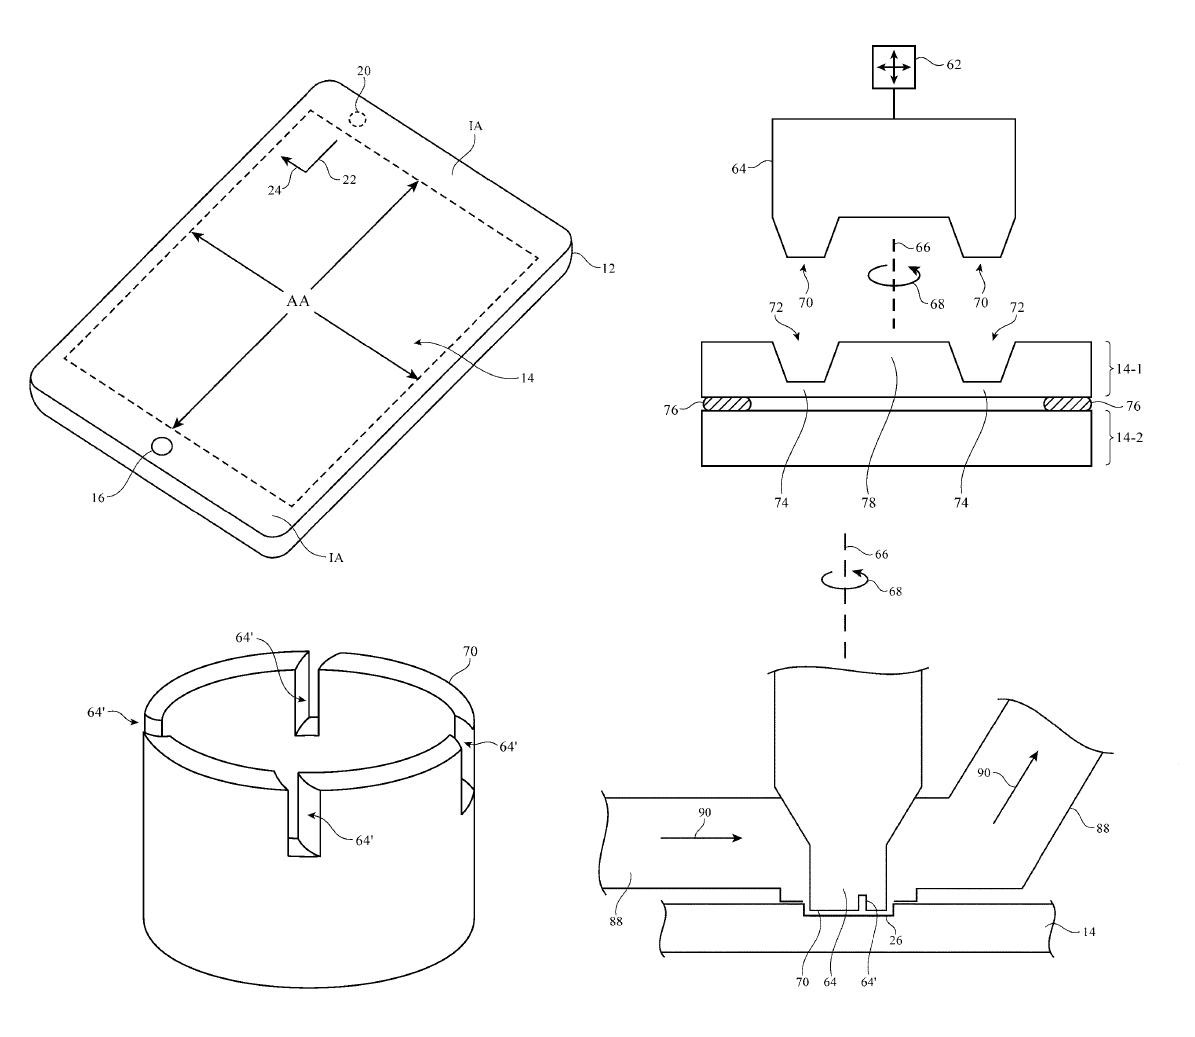 Apple display holes patent - آبل تسجل براءة اختراع جديدة تكشف عن تصميم جديد للآيفون بدون نوتش علوي